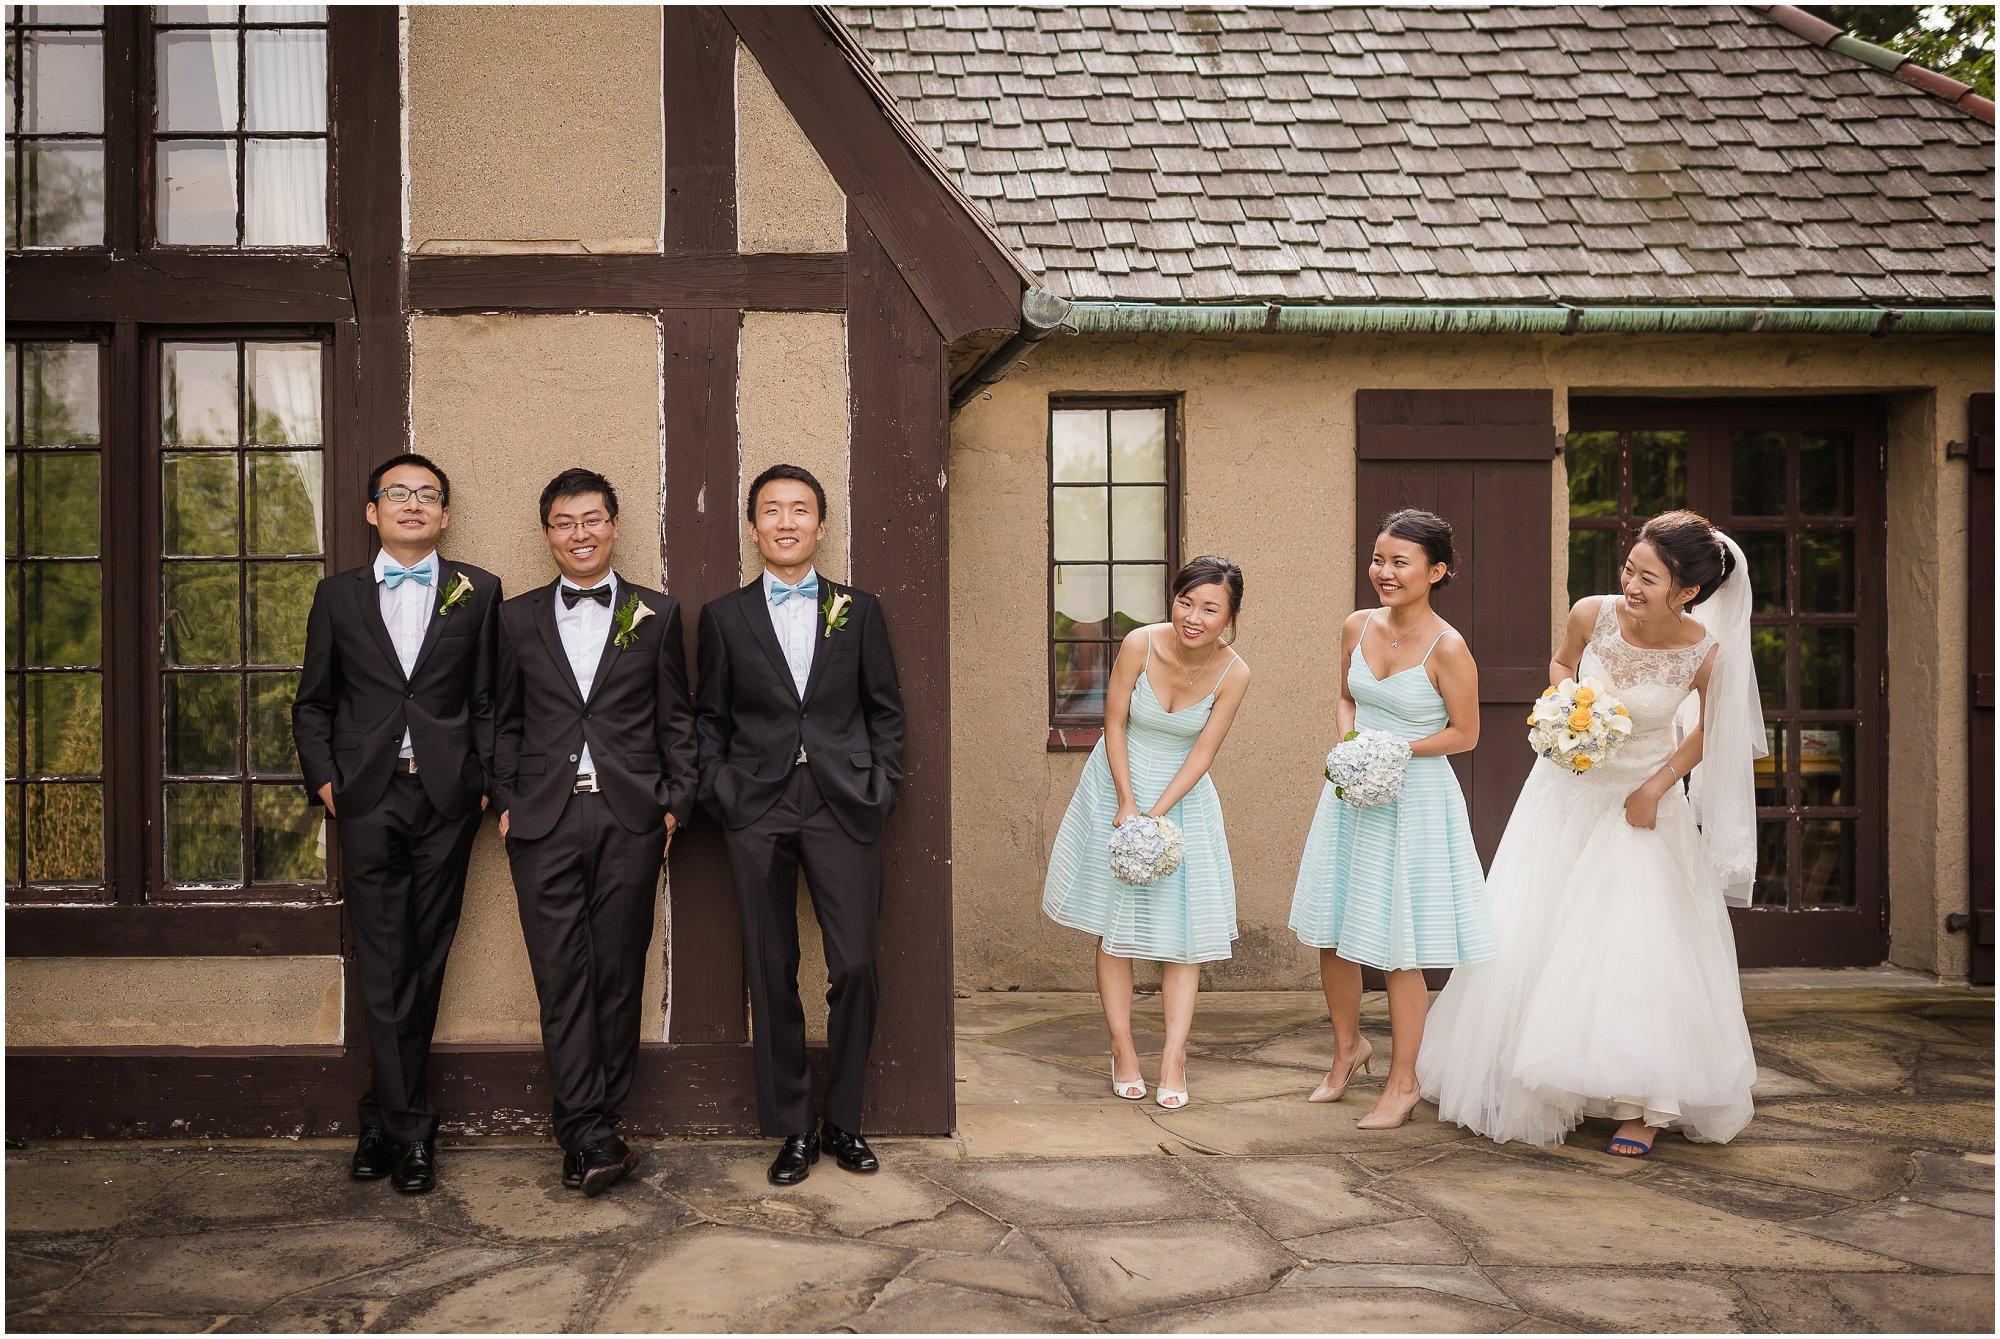 University-of-michigan-museum-of-art-wedding_1309.jpg